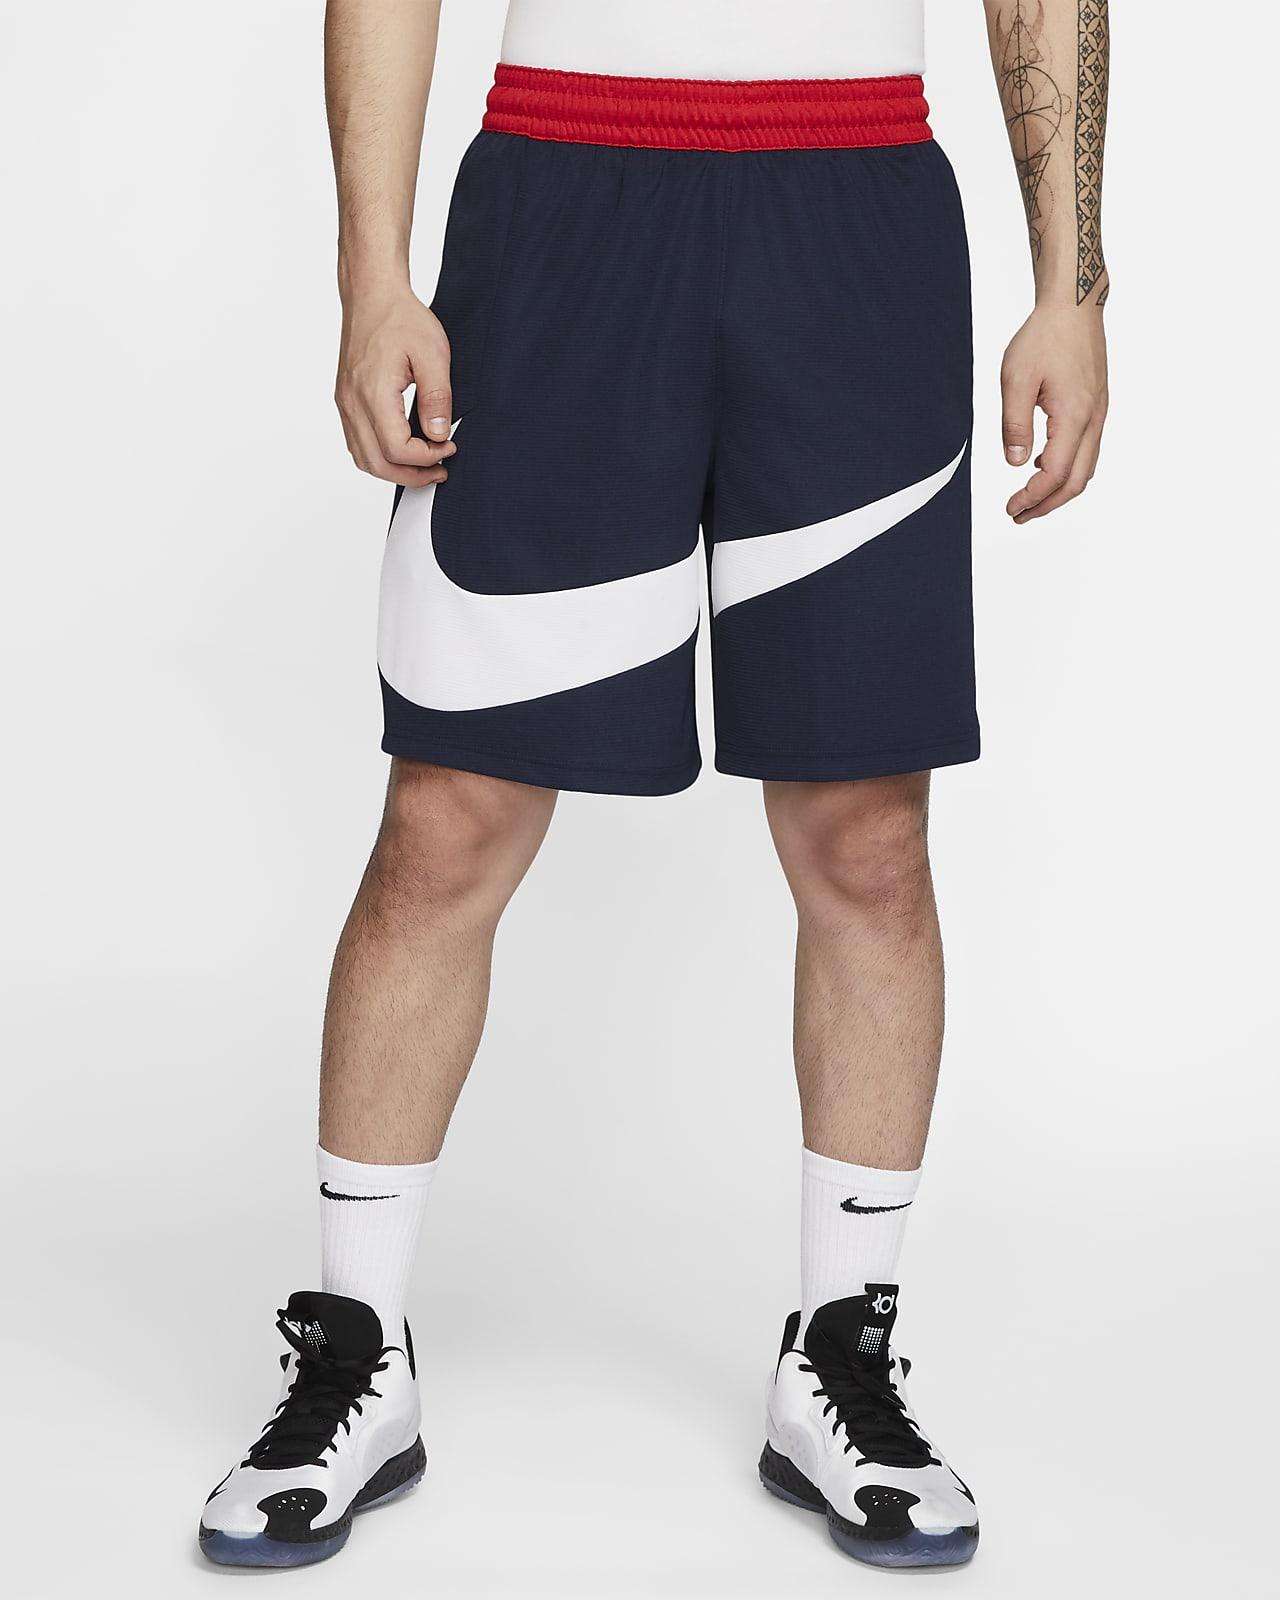 กางเกงบาสเก็ตบอลขาสั้นผู้ชาย Nike Dri-FIT